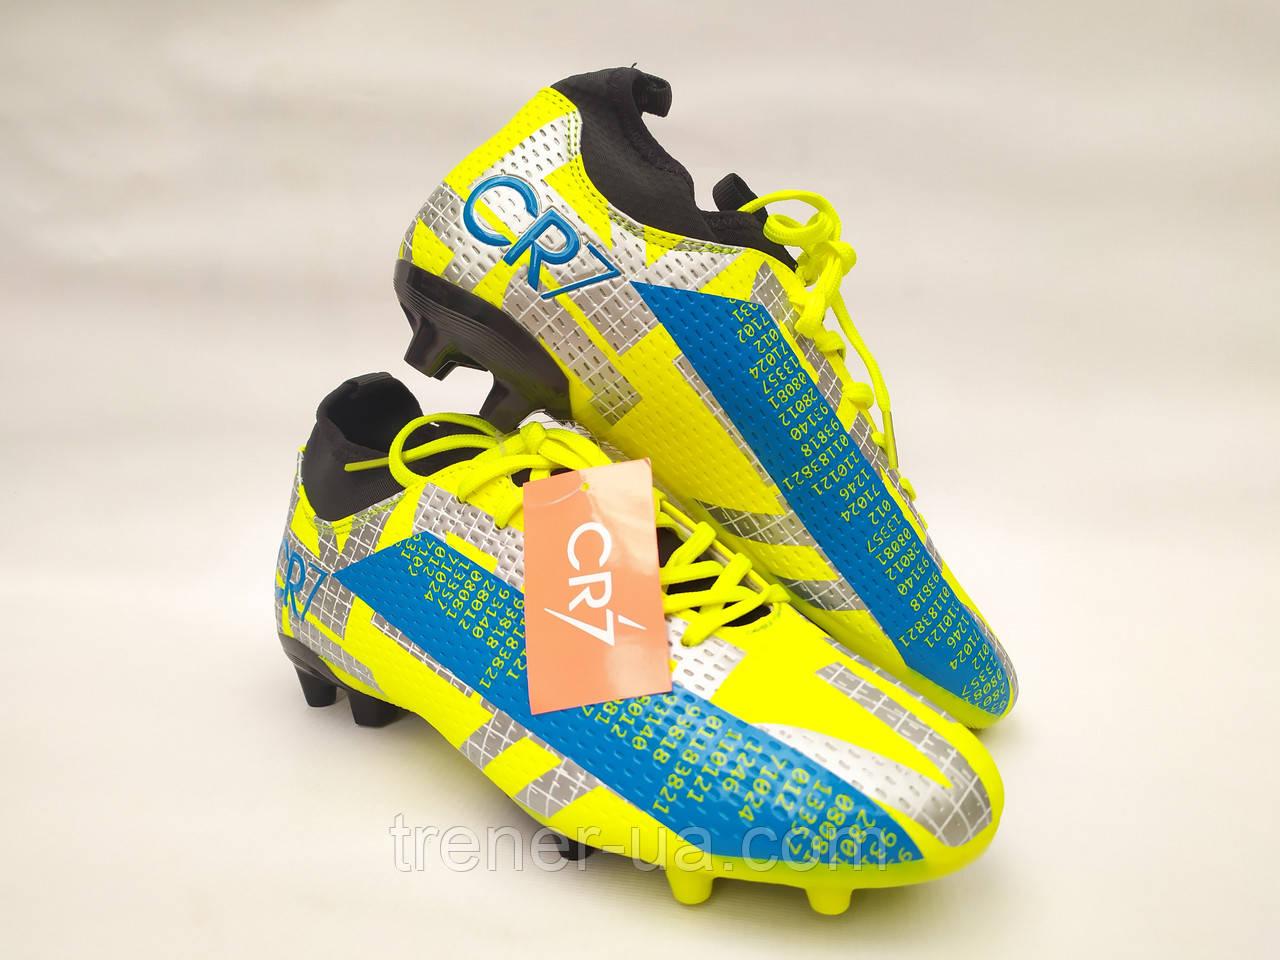 Копы взрослые CR7/бутсы 40 размер лимонные/копи футбольні дорослі 40/обувь футбольная на шипах/